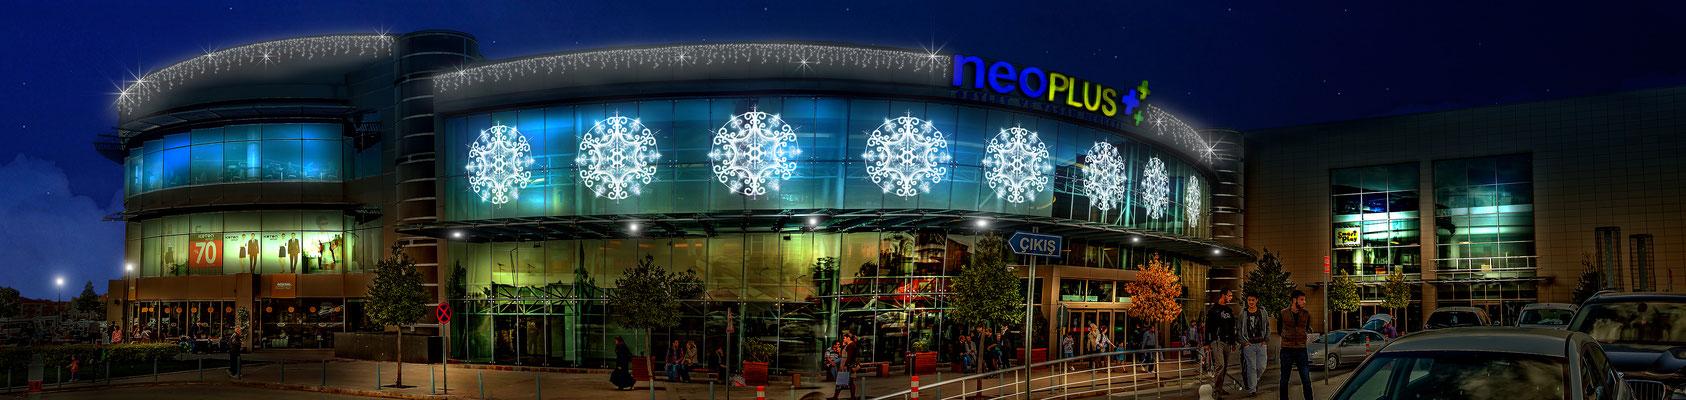 Neoplus - Einkaufszentrum in Eskisehir/Türkei